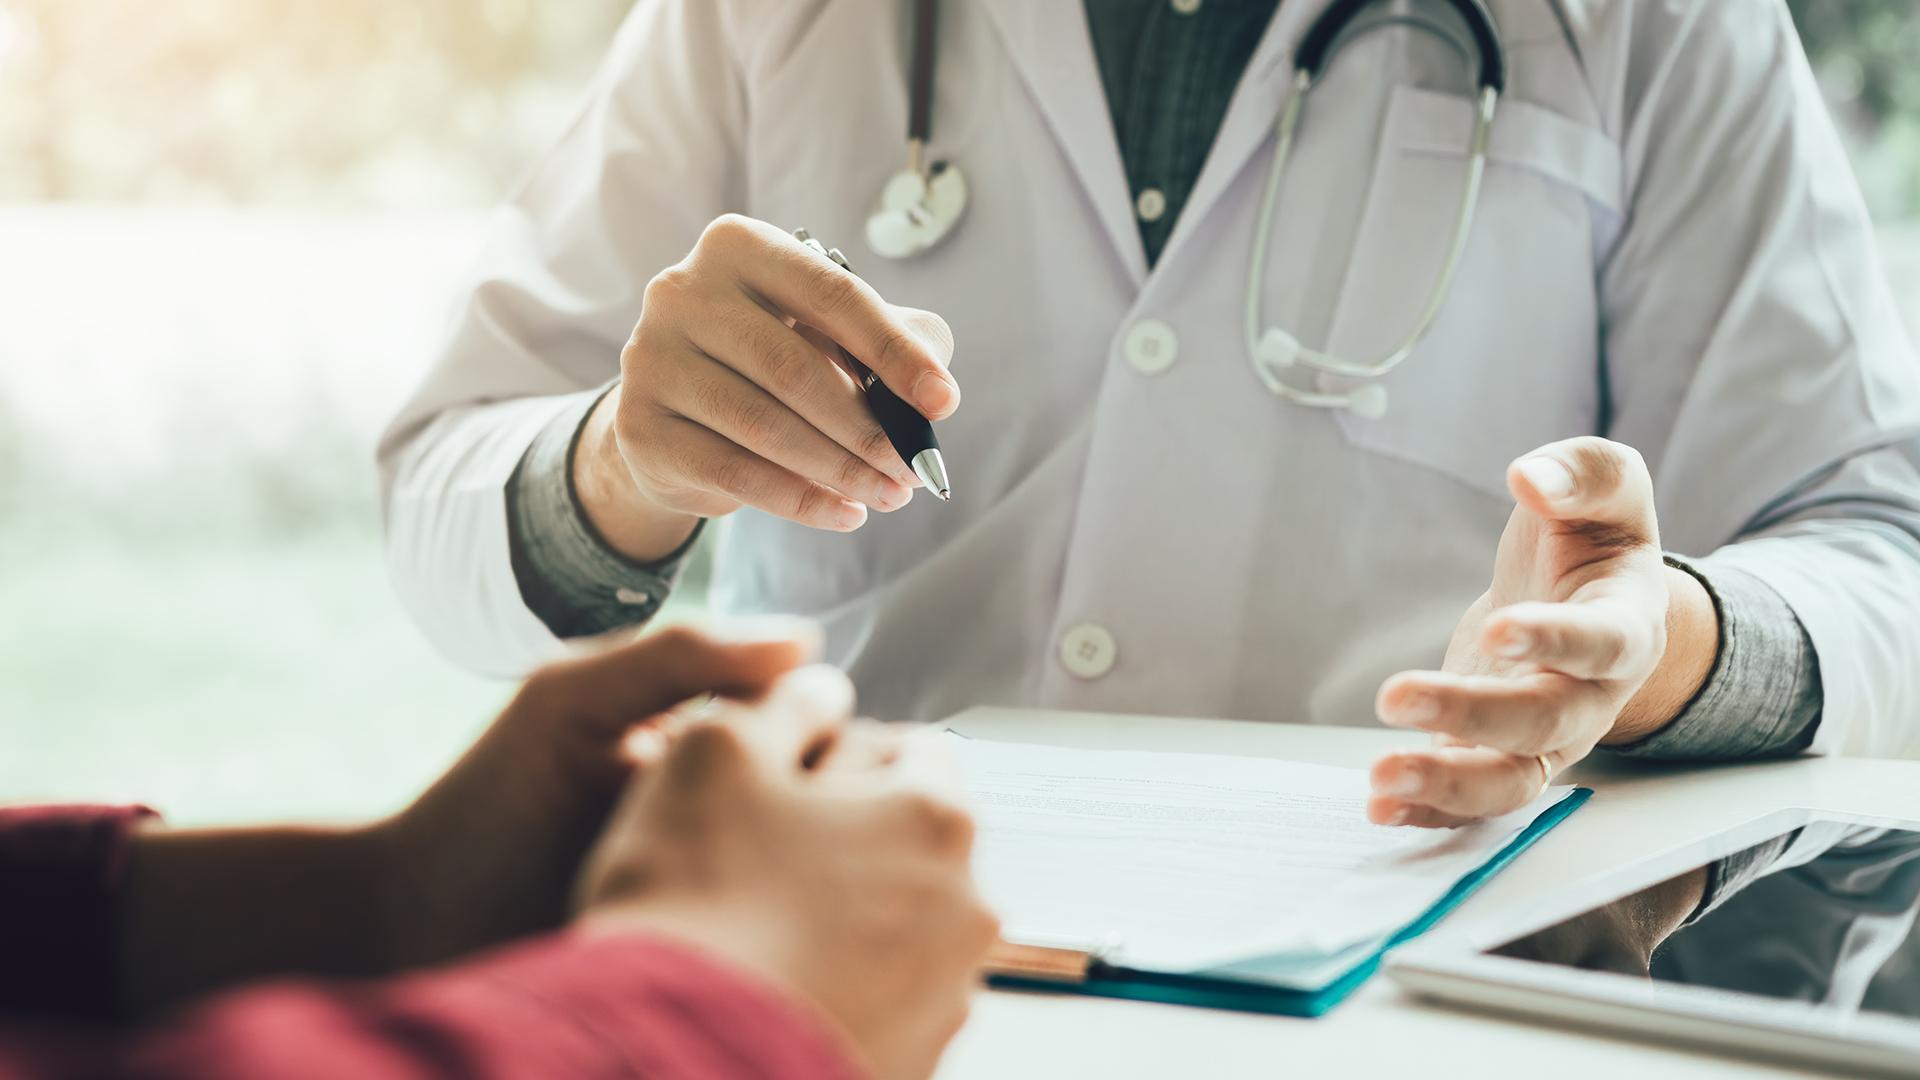 Helsinkiläinen Rosa pohtii, miksi lääkärintodistus täytyy uusia vanhan ollessa voimassa.